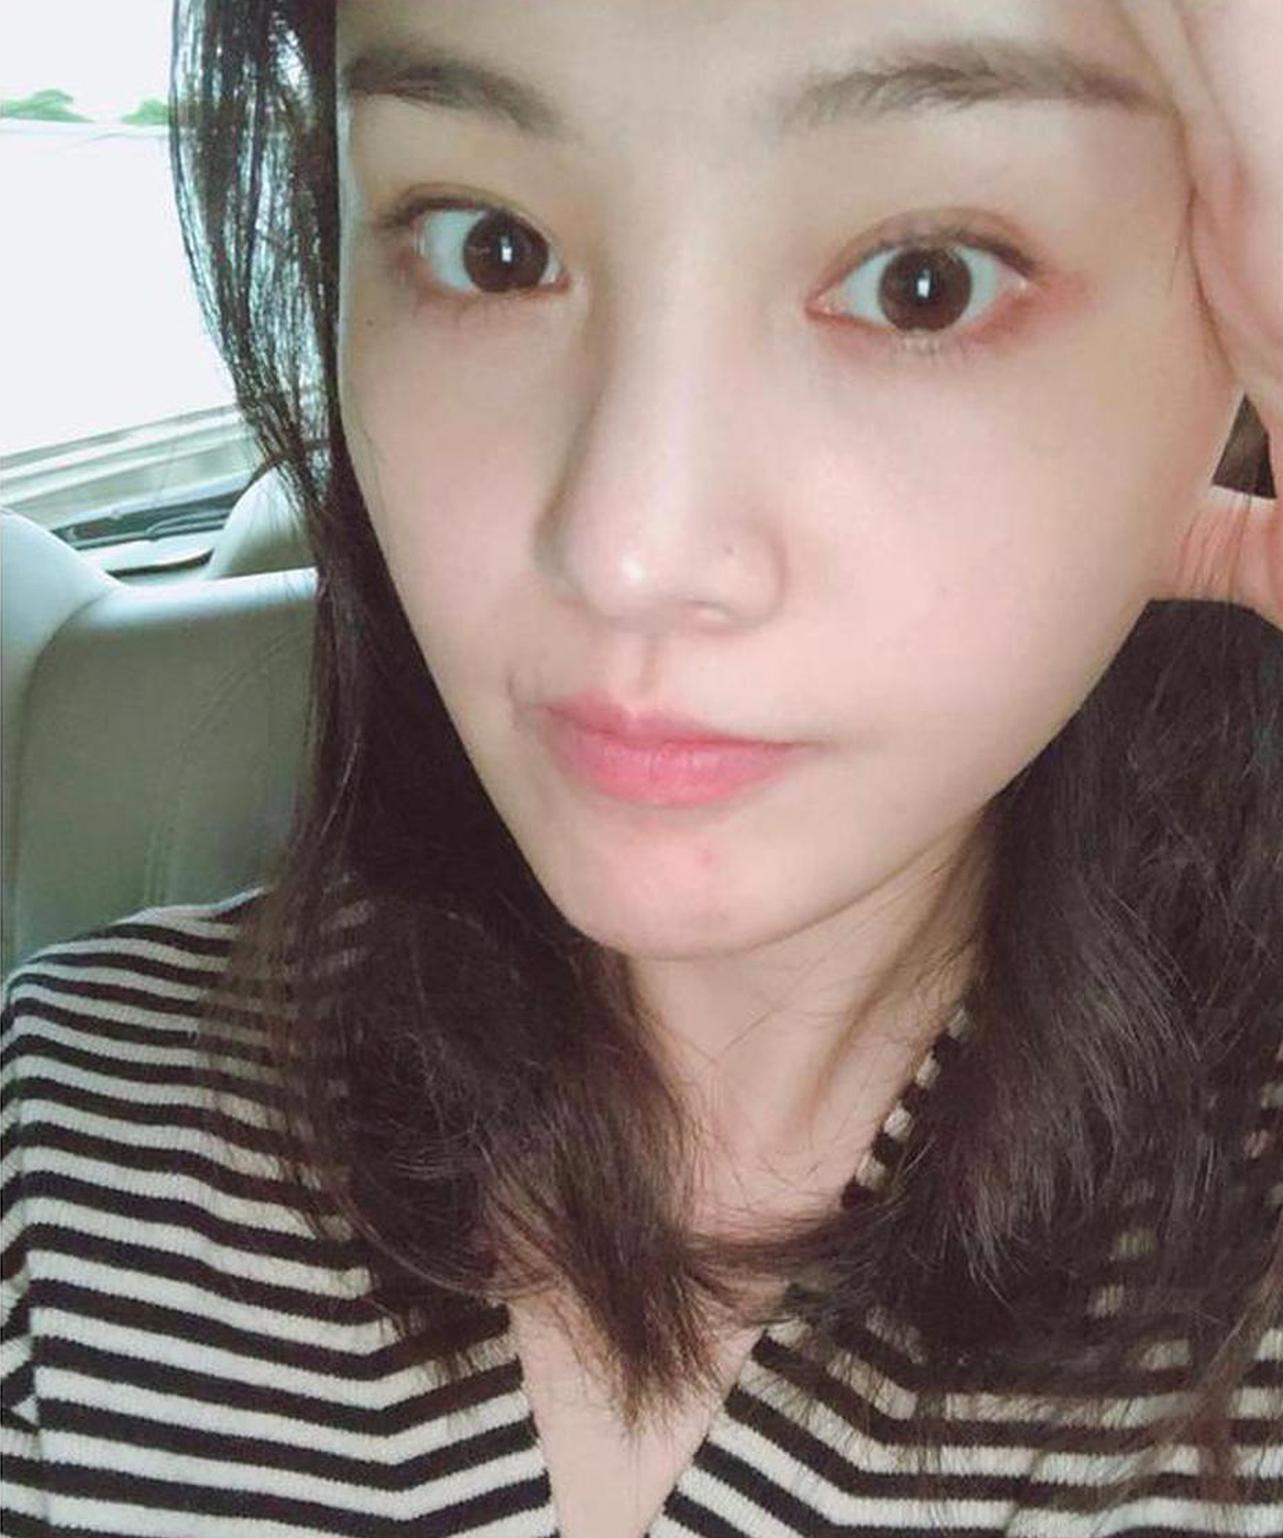 郑爽晒素颜自拍 回应演技争议:接受质疑否认和谩骂